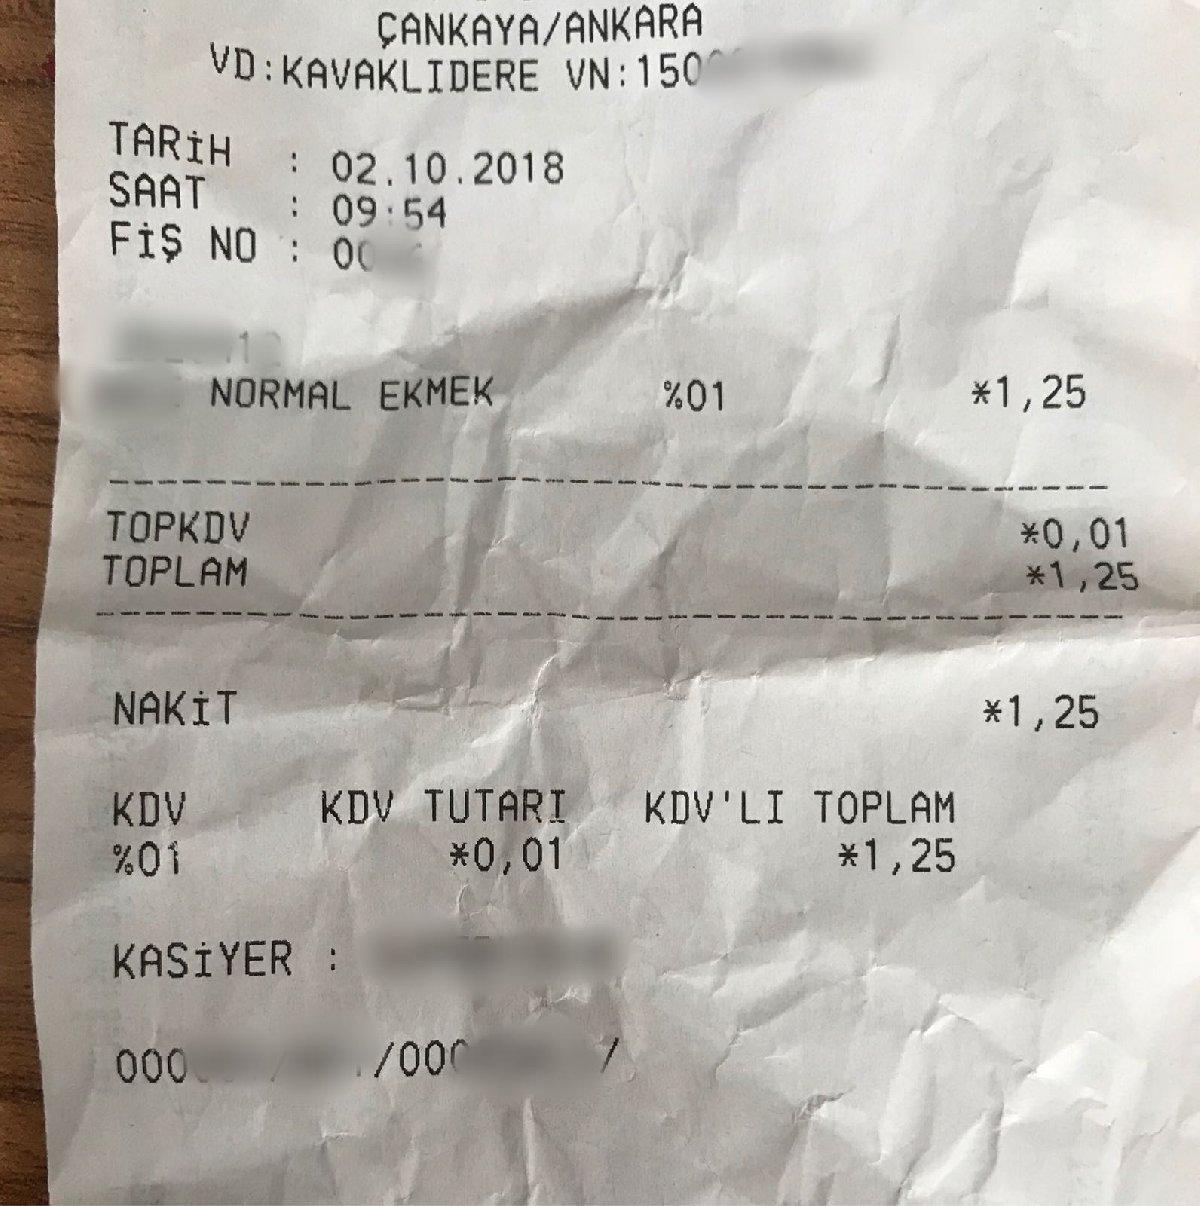 Ankara'da bu sabah 1.25 TL'den alınan ekmeğin fişi